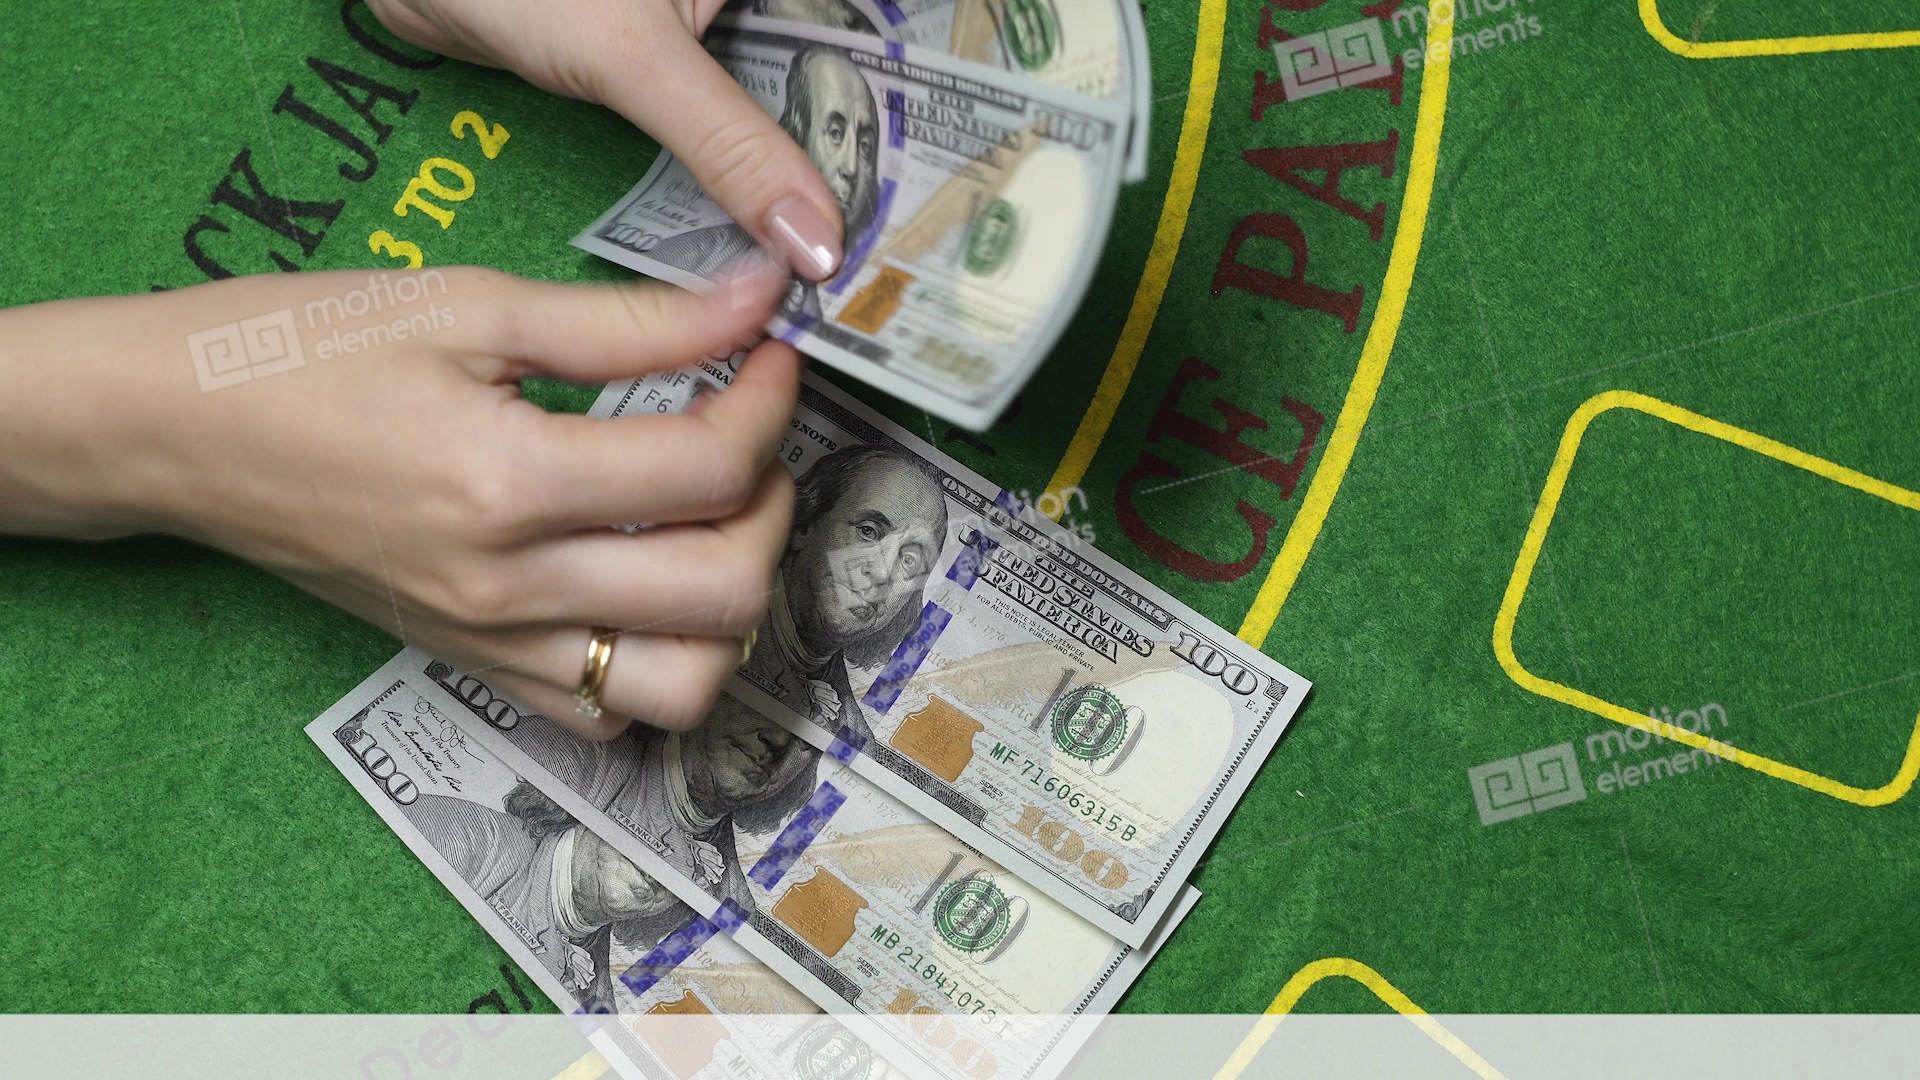 Turnaj Eur 80 online kasína v kasíne 888